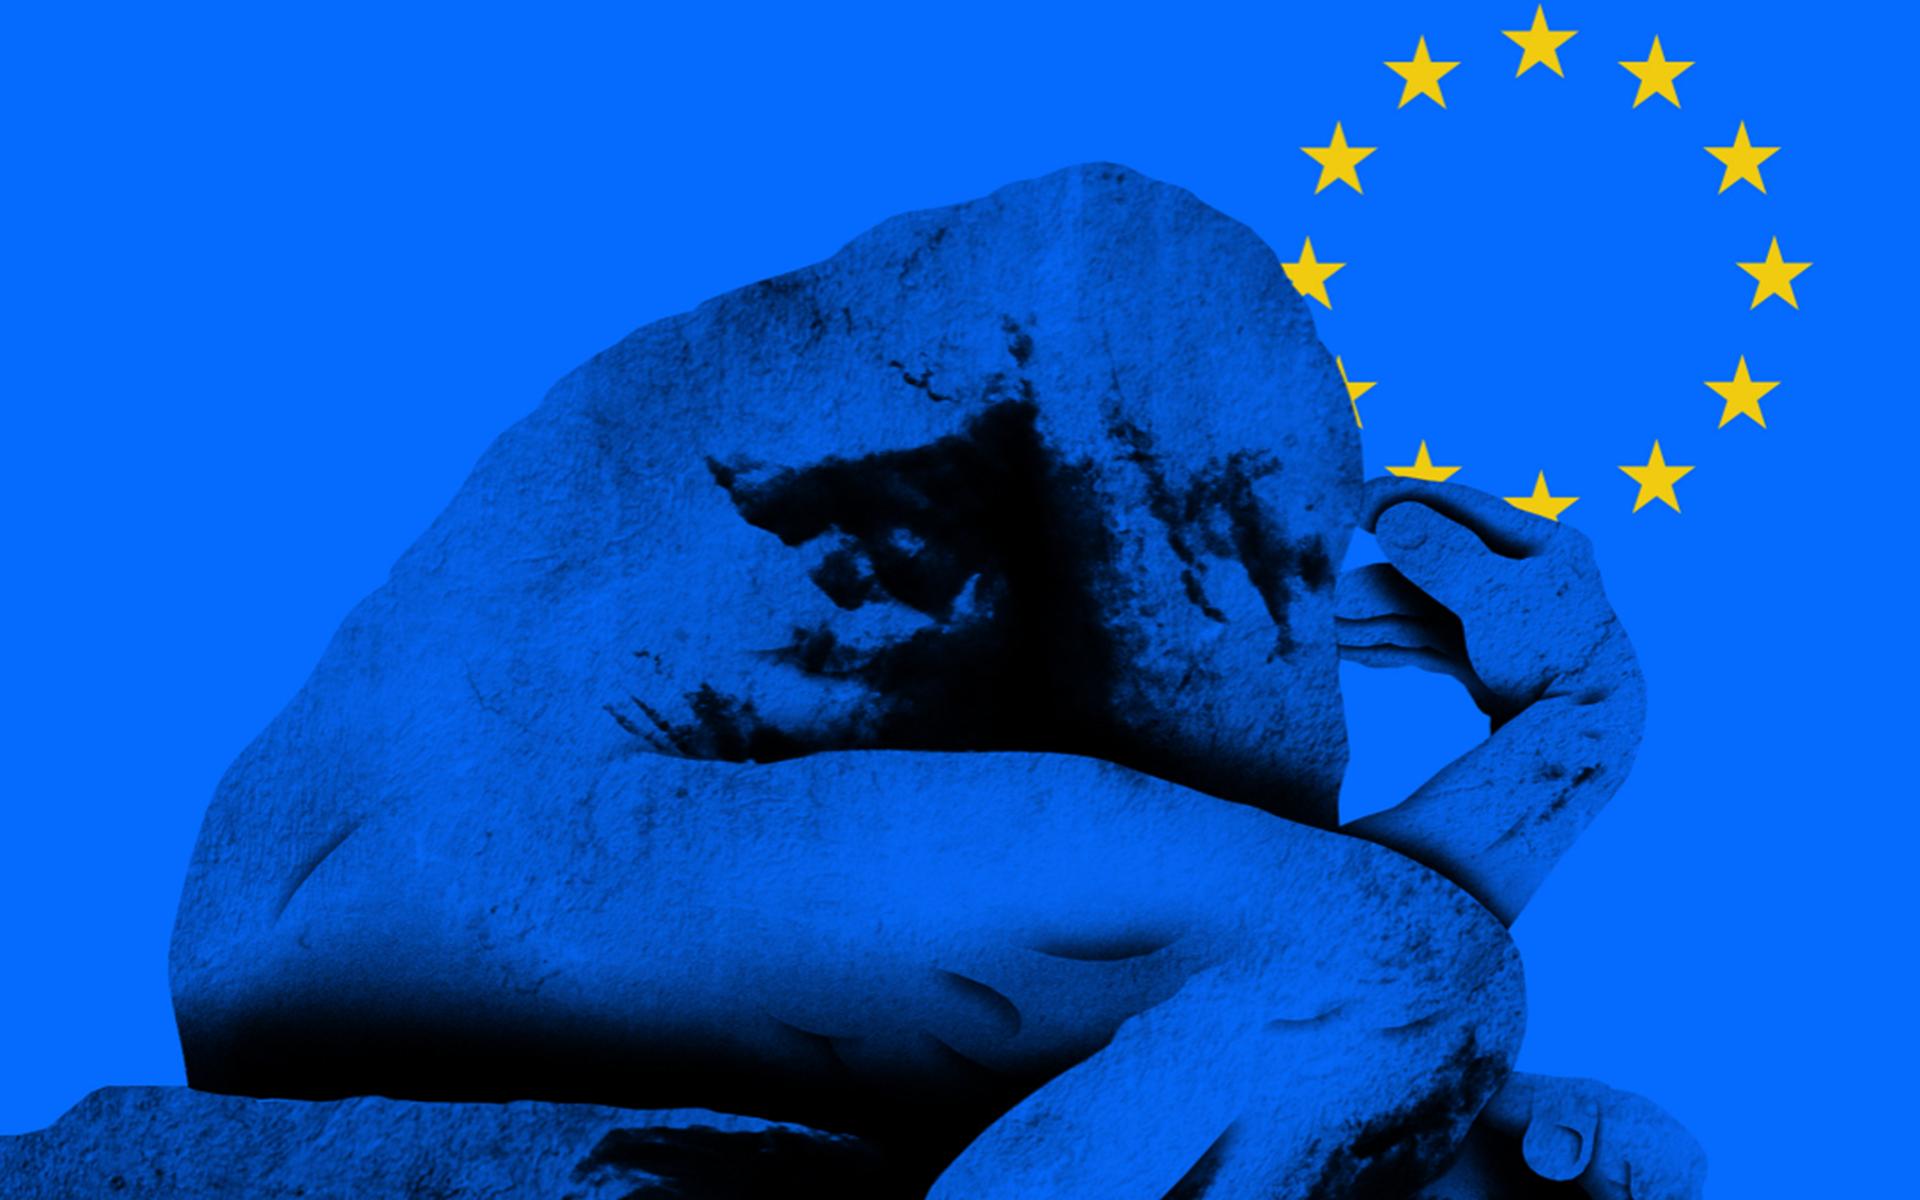 Миграционный кризис в Европе: как его преодолеть?